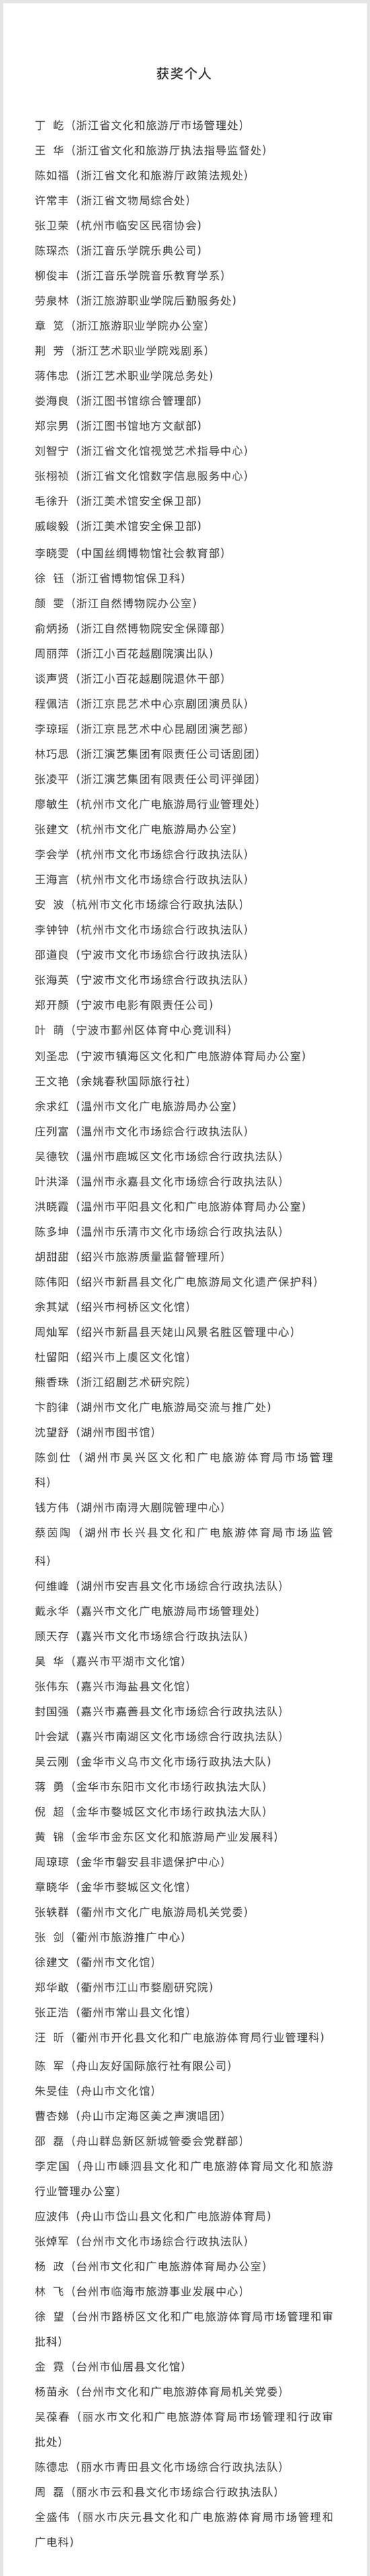 获奖个人名单  截图